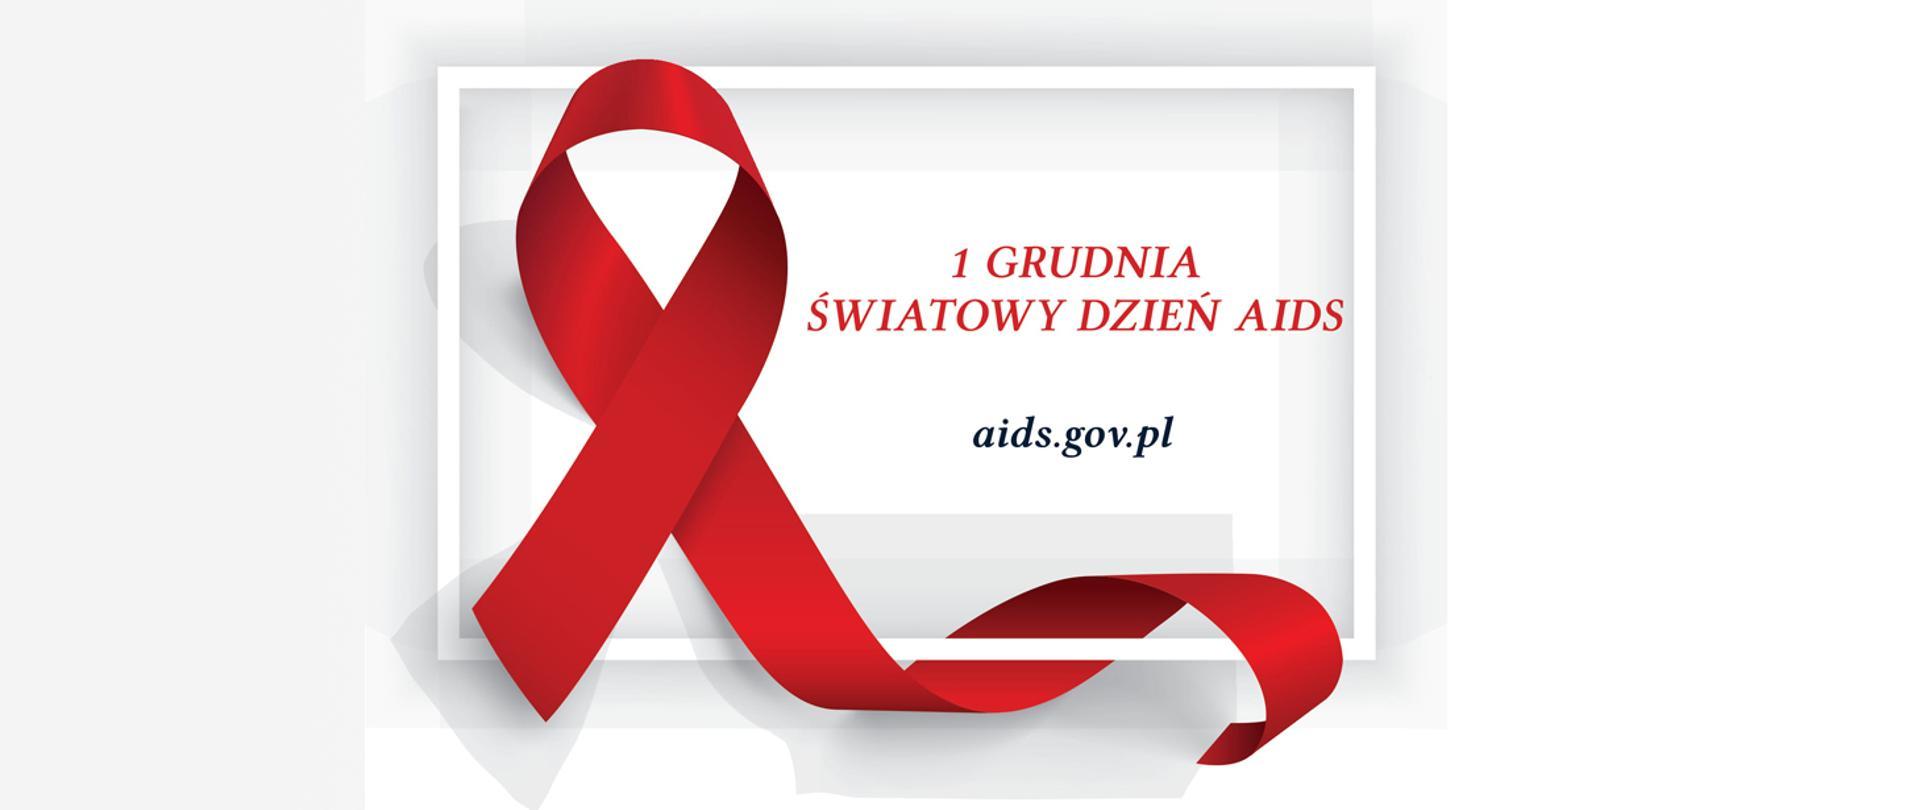 Czerwona wstążeczka - symbol Światowego Dnia AIDS obchodzonego 1 grudnia. Adres strony www: aids.gov.pl